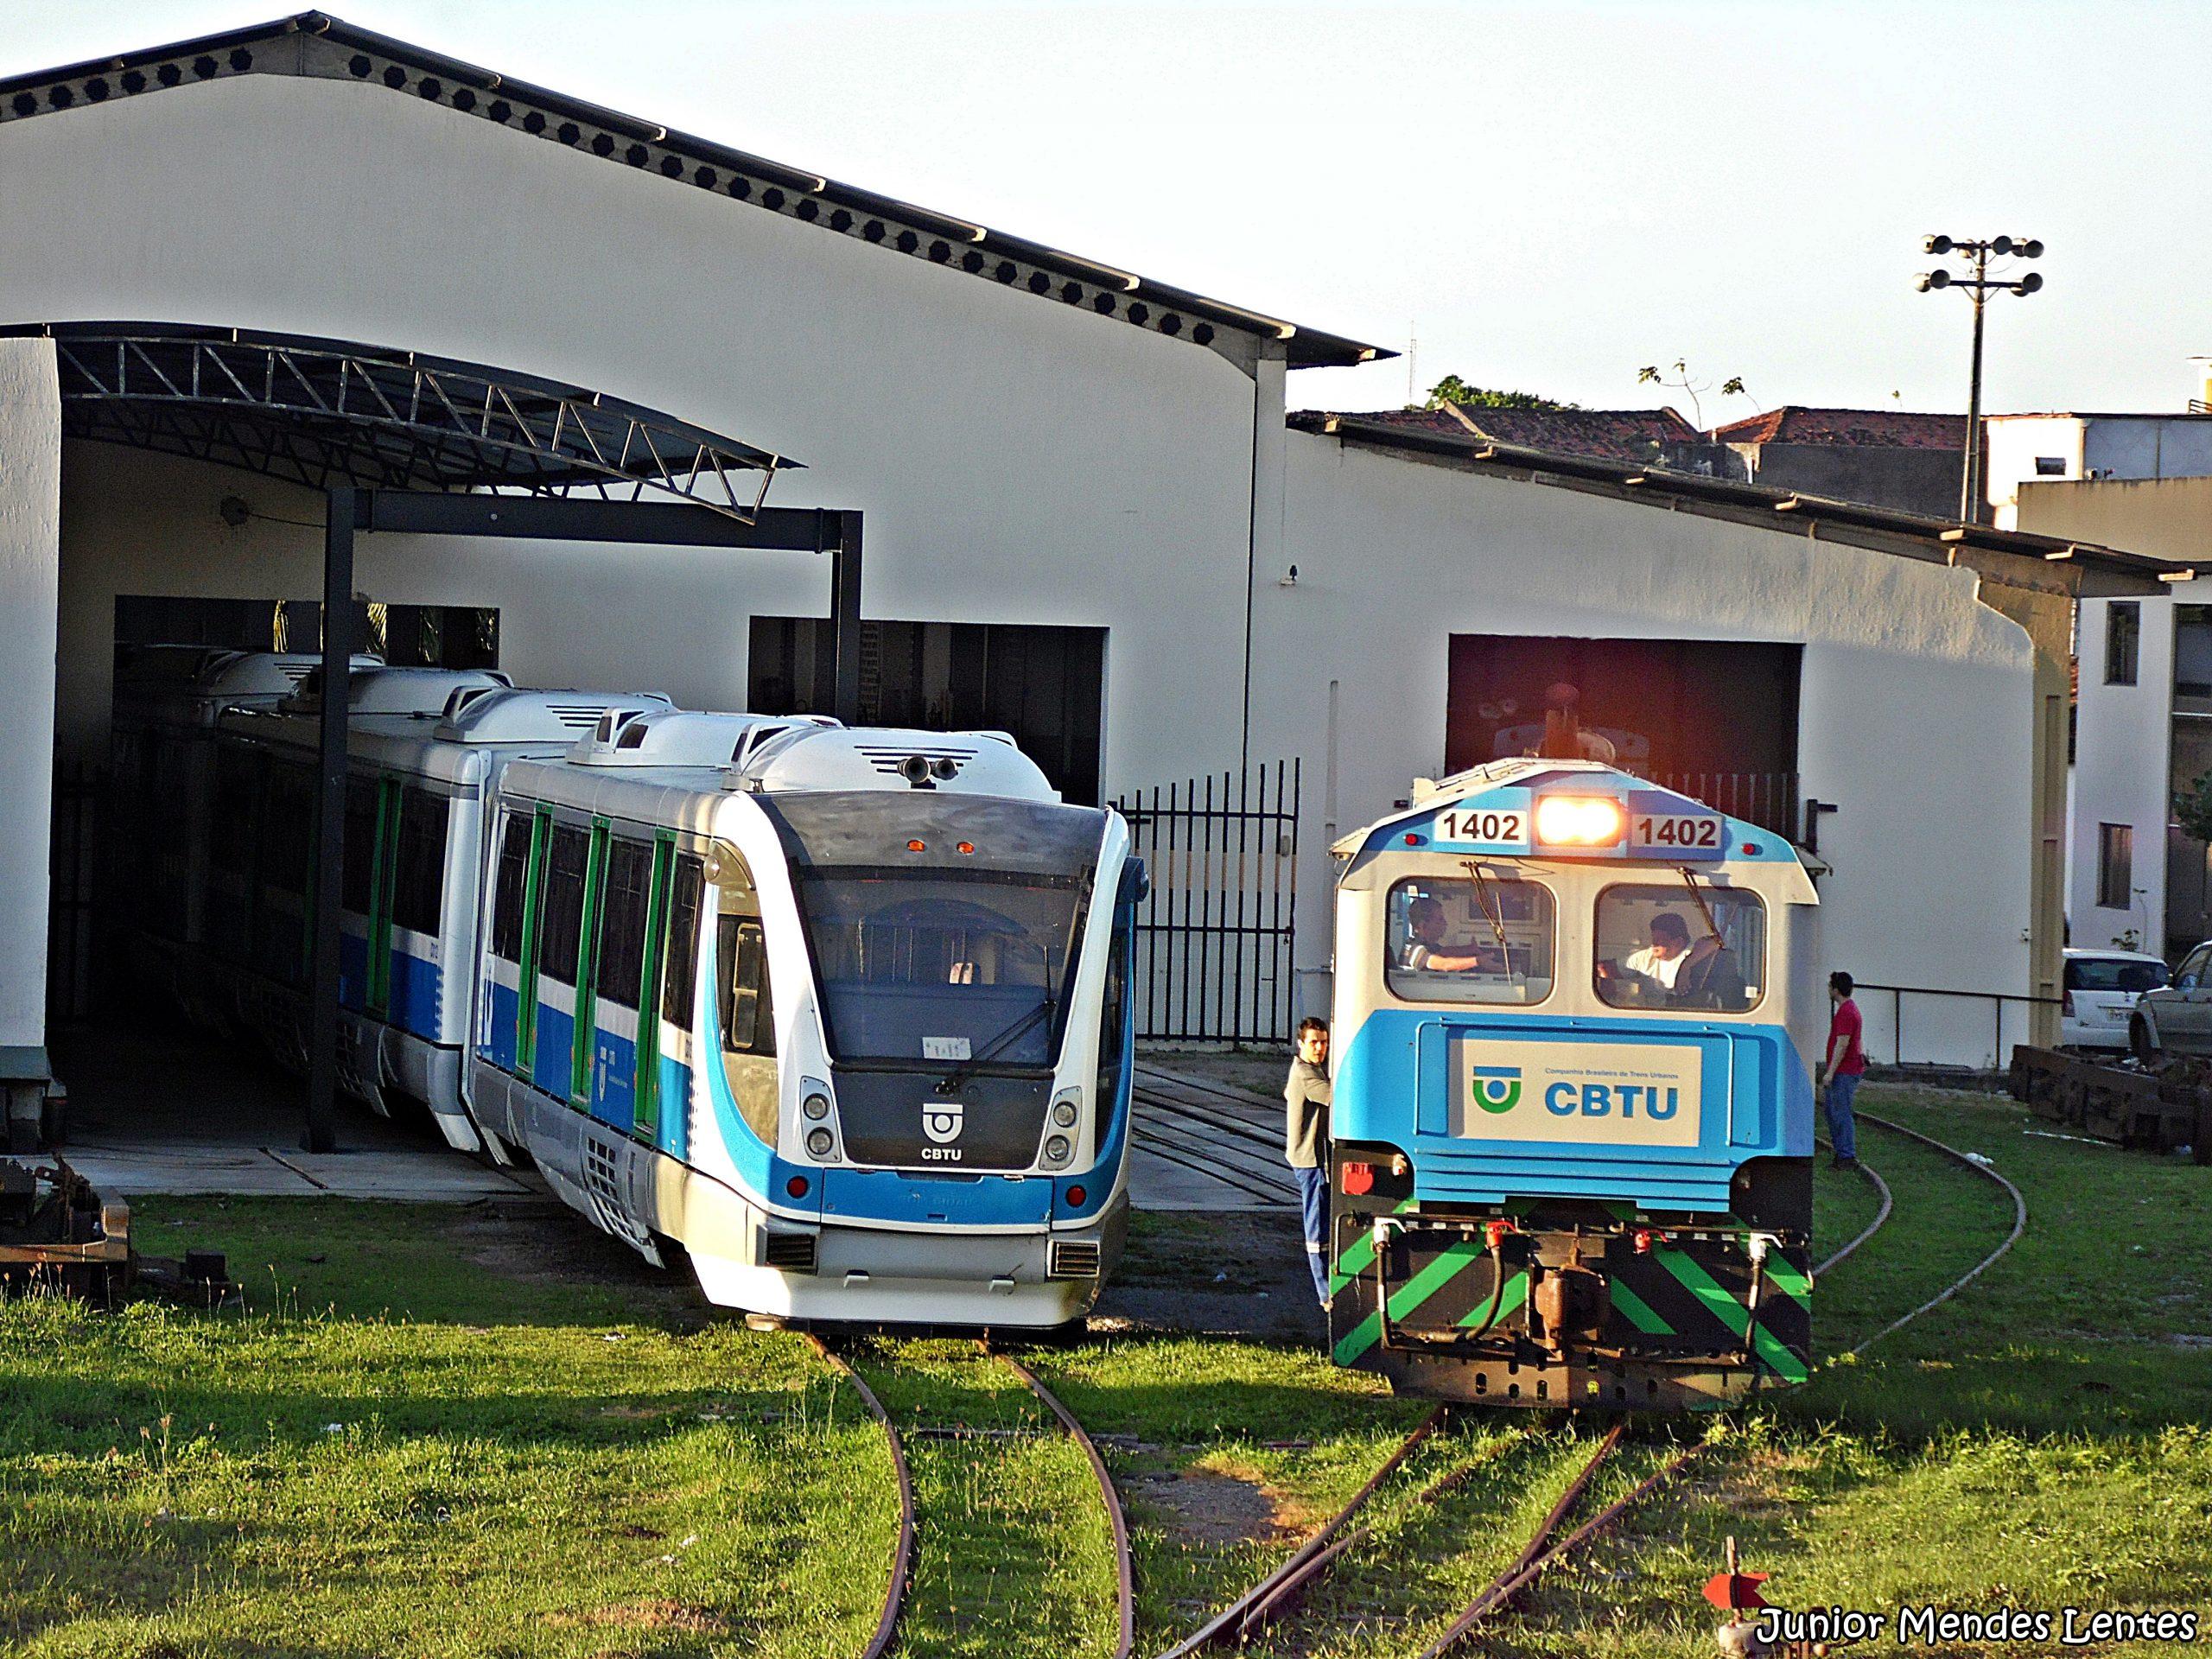 CBTU Natal reverte decisão judicial e trens urbanos voltam a circular com 20 viagens por dia